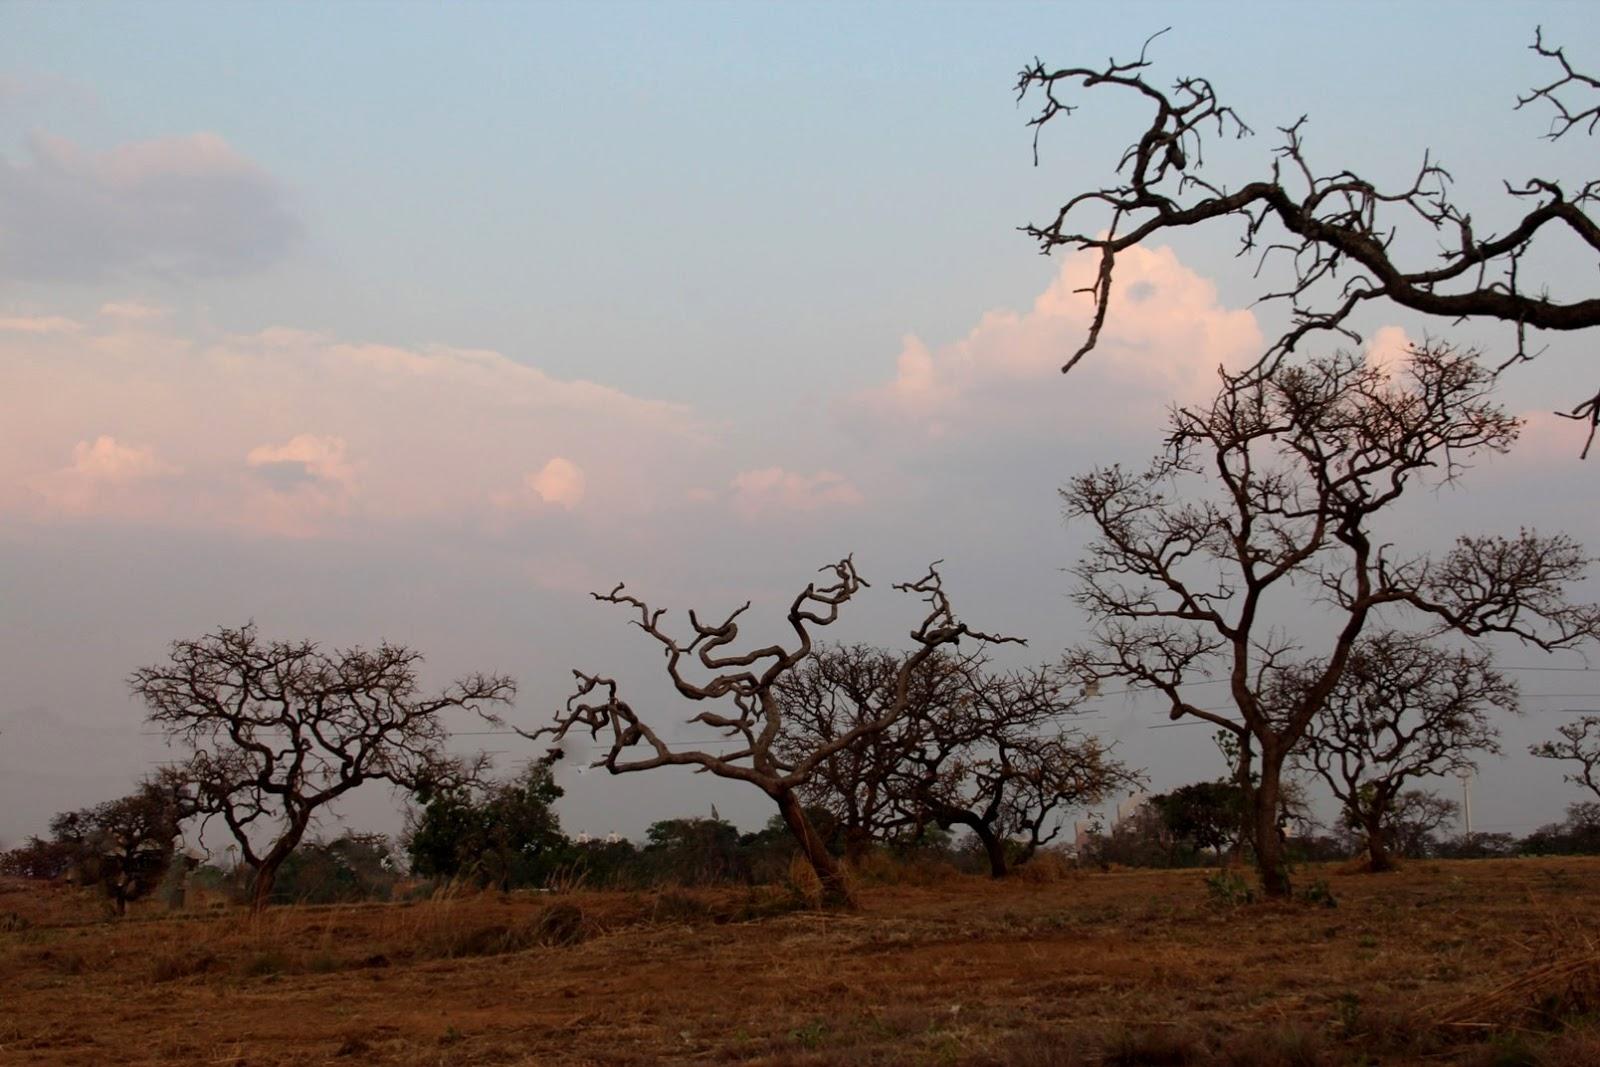 Árvores secas do Cerrado - No auge da seca, a maioria das árvores já estão desfolhadas e basta um sinal de umidade no ar pela aproximação das chuvas que elas se cobrem de folhas com toda força vestindo de verde. Porém, seus esqueletos sempre nos proporcionam uma visão maravilhosa-